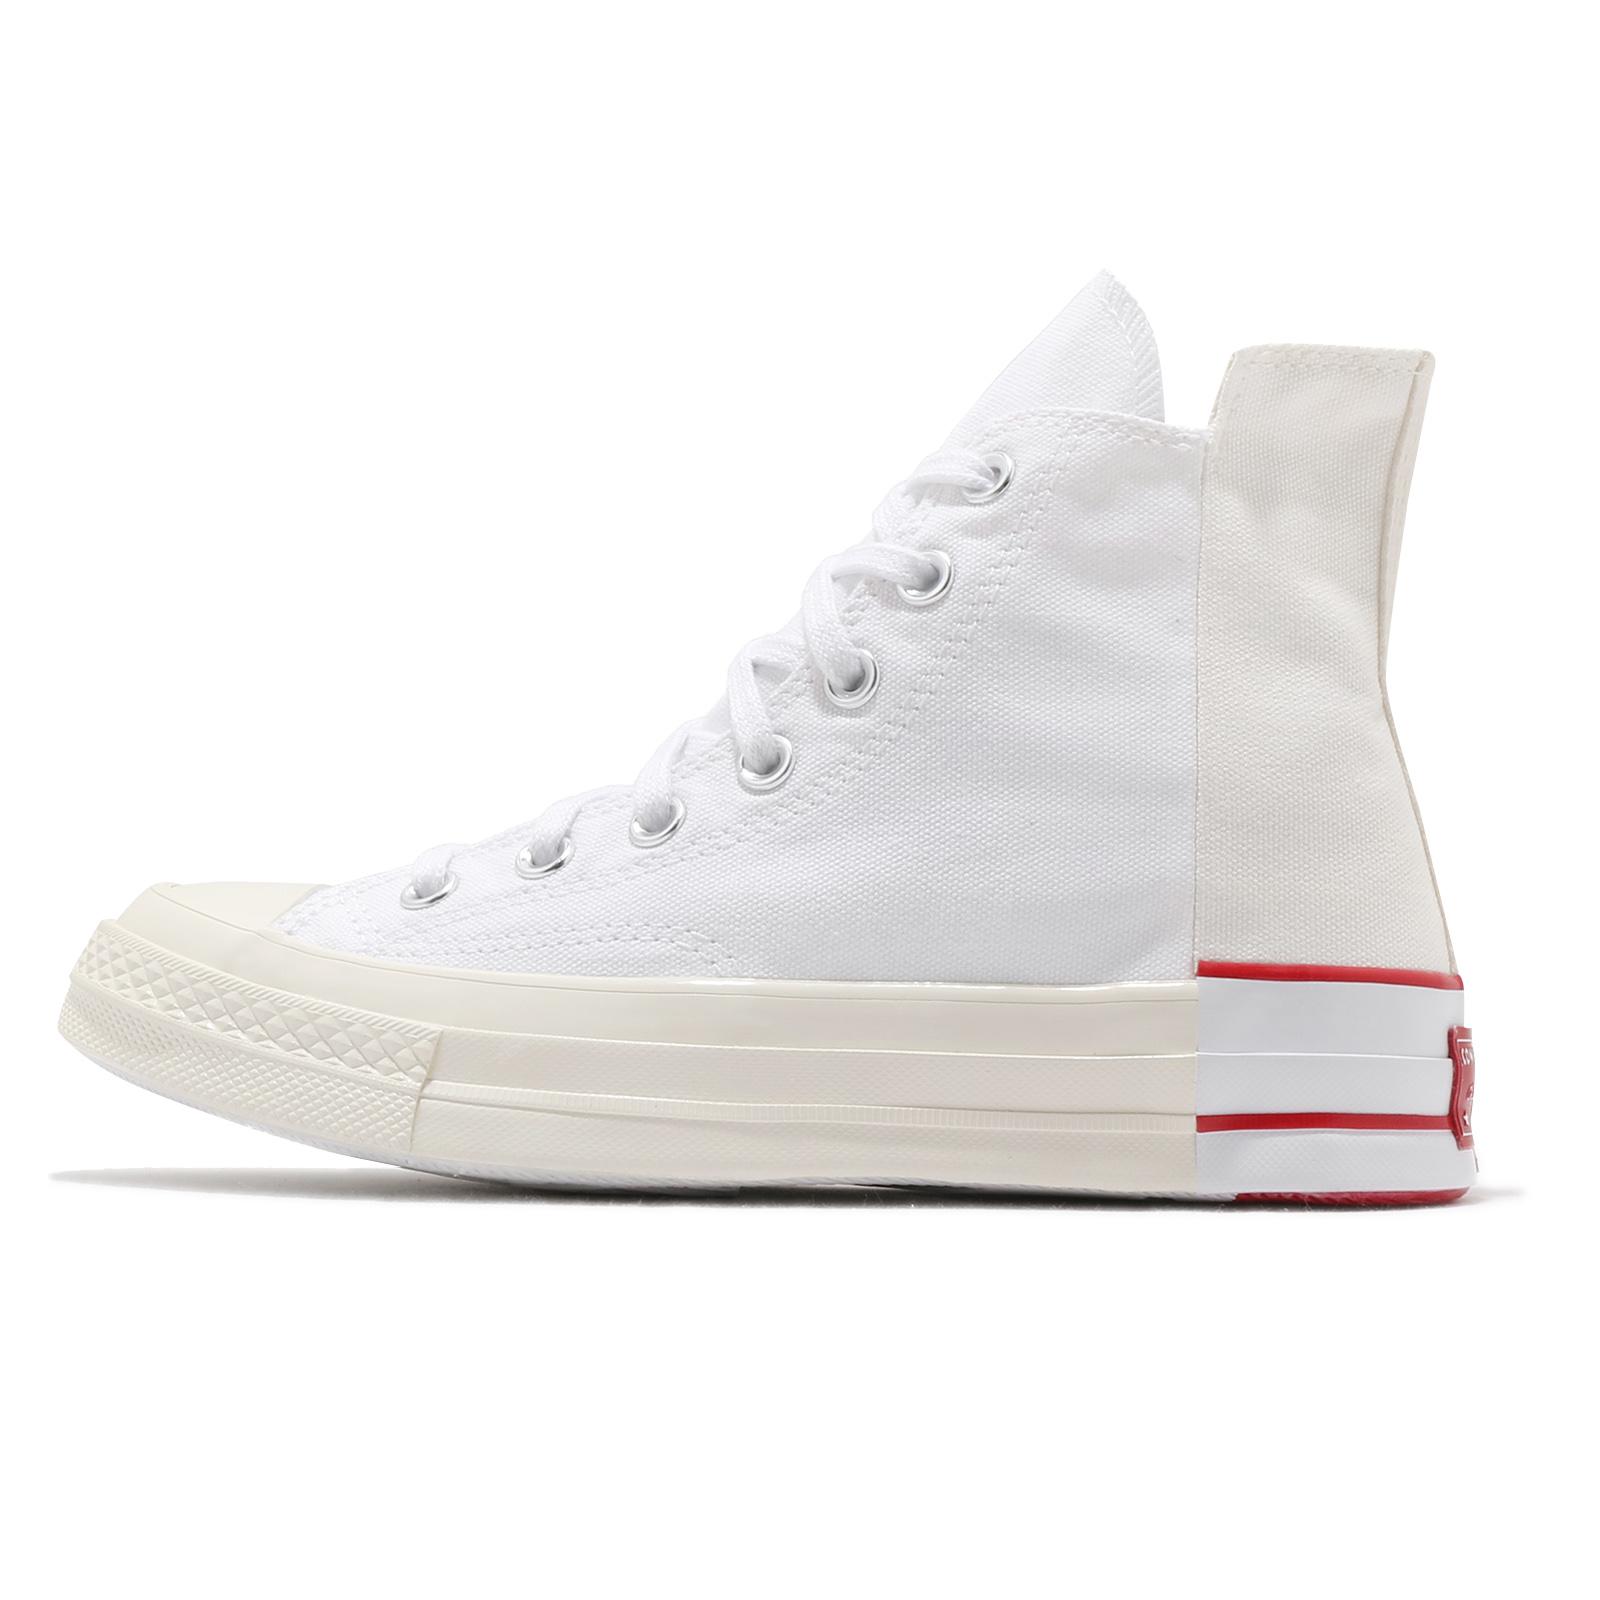 Converse Rivals Chuck 70 Hi 白 紅 不對稱 高筒 帆布鞋 男女鞋 【ACS】 168671C